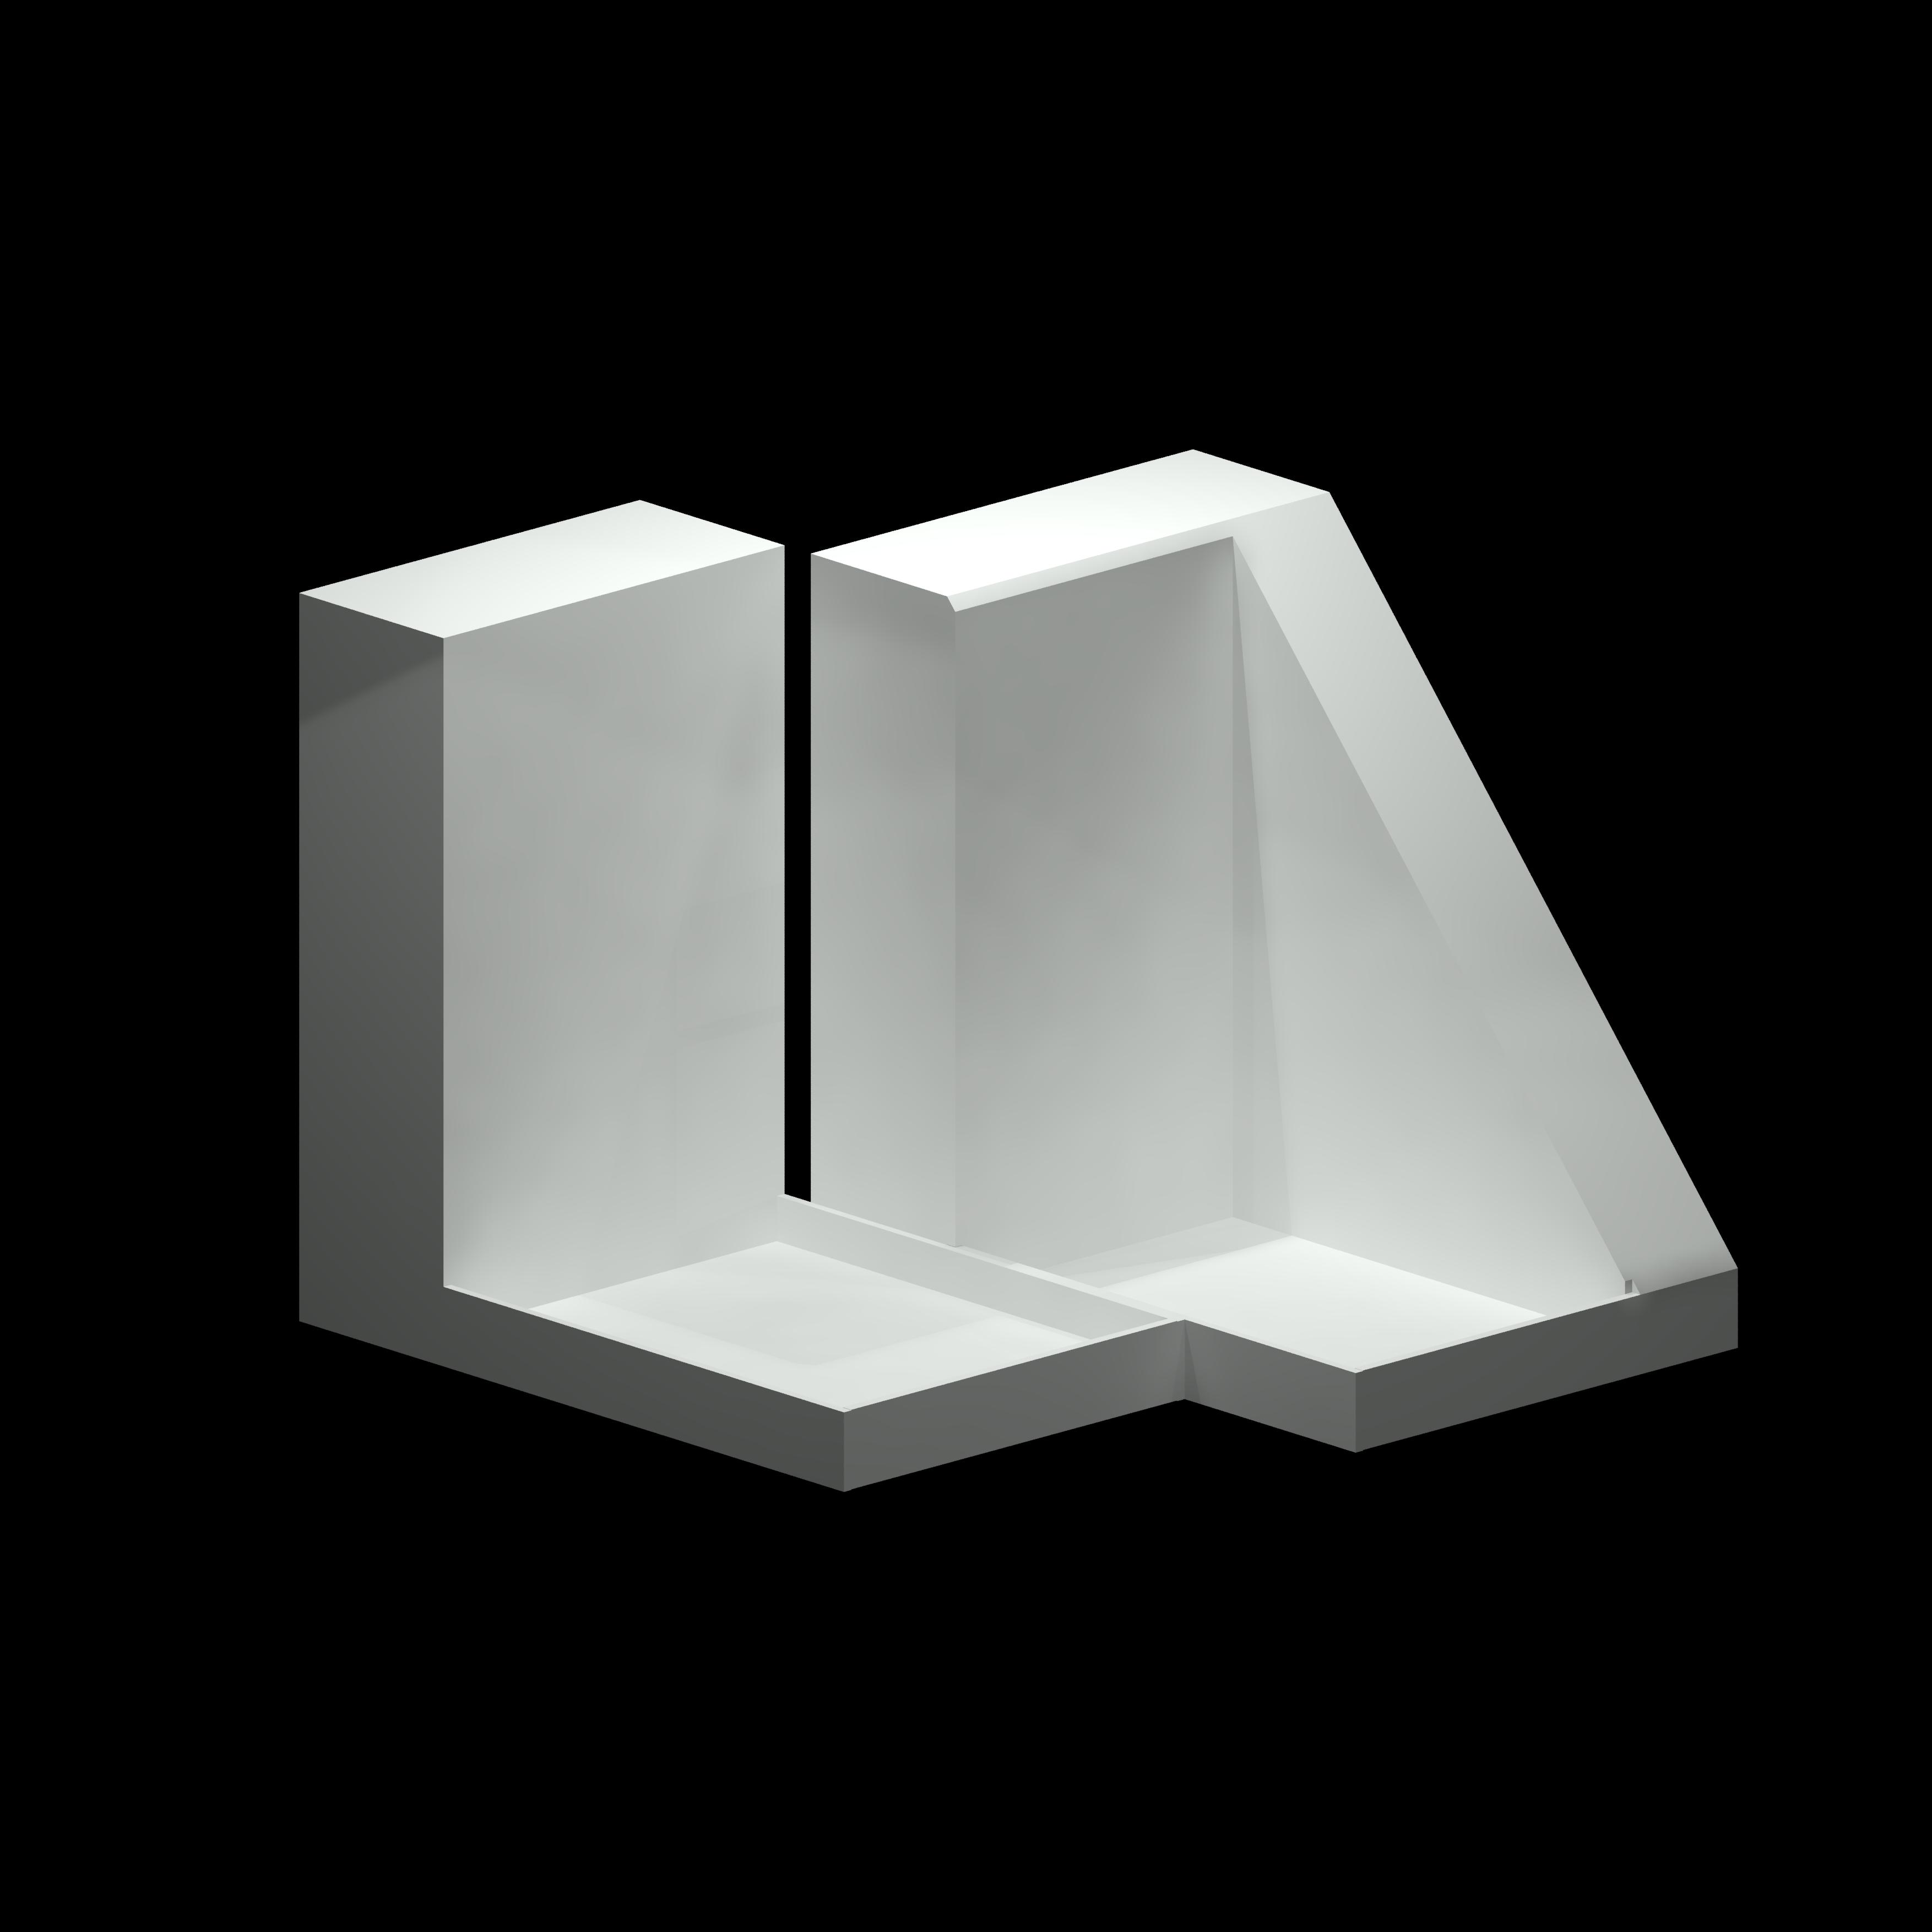 Zolderkast met hoekkast achteraanzicht 2